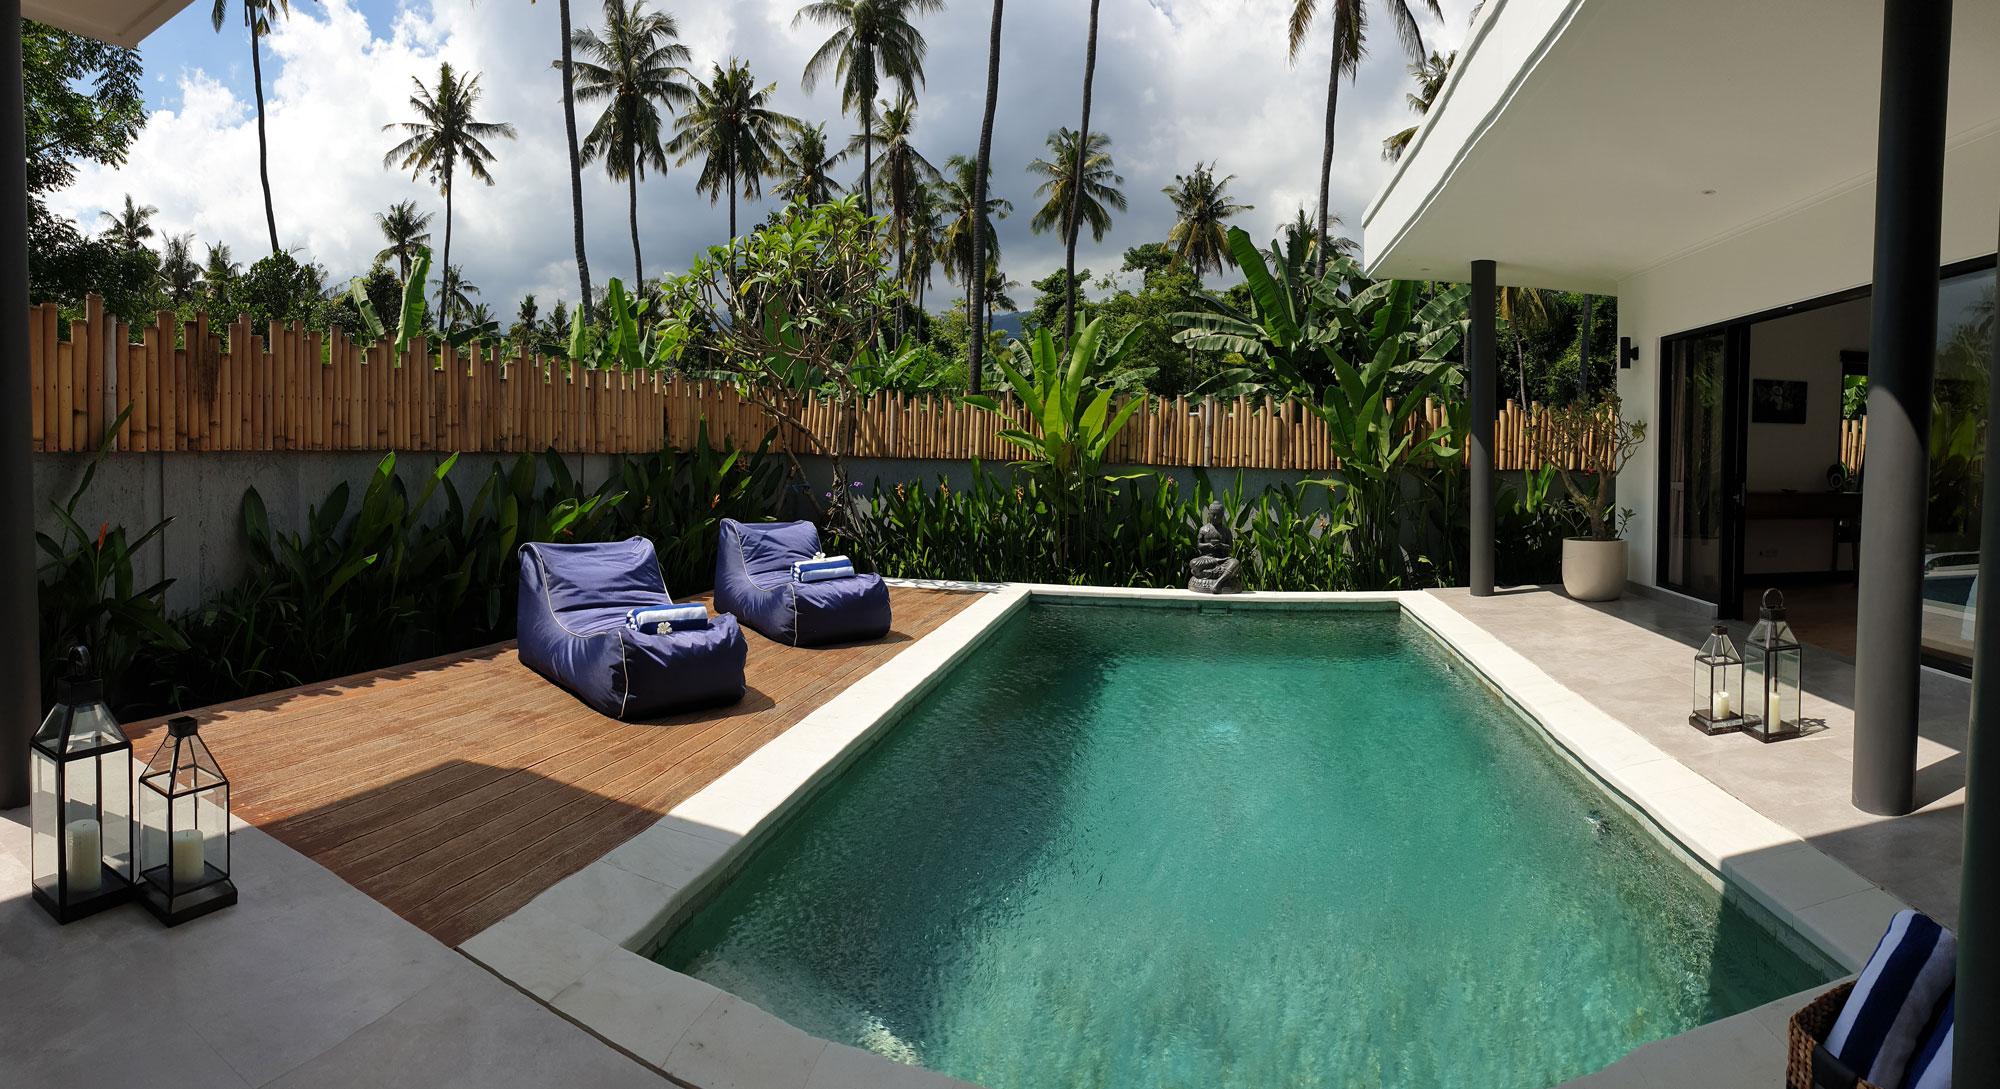 Bali Lovina pool villa for sale – property NB-V087